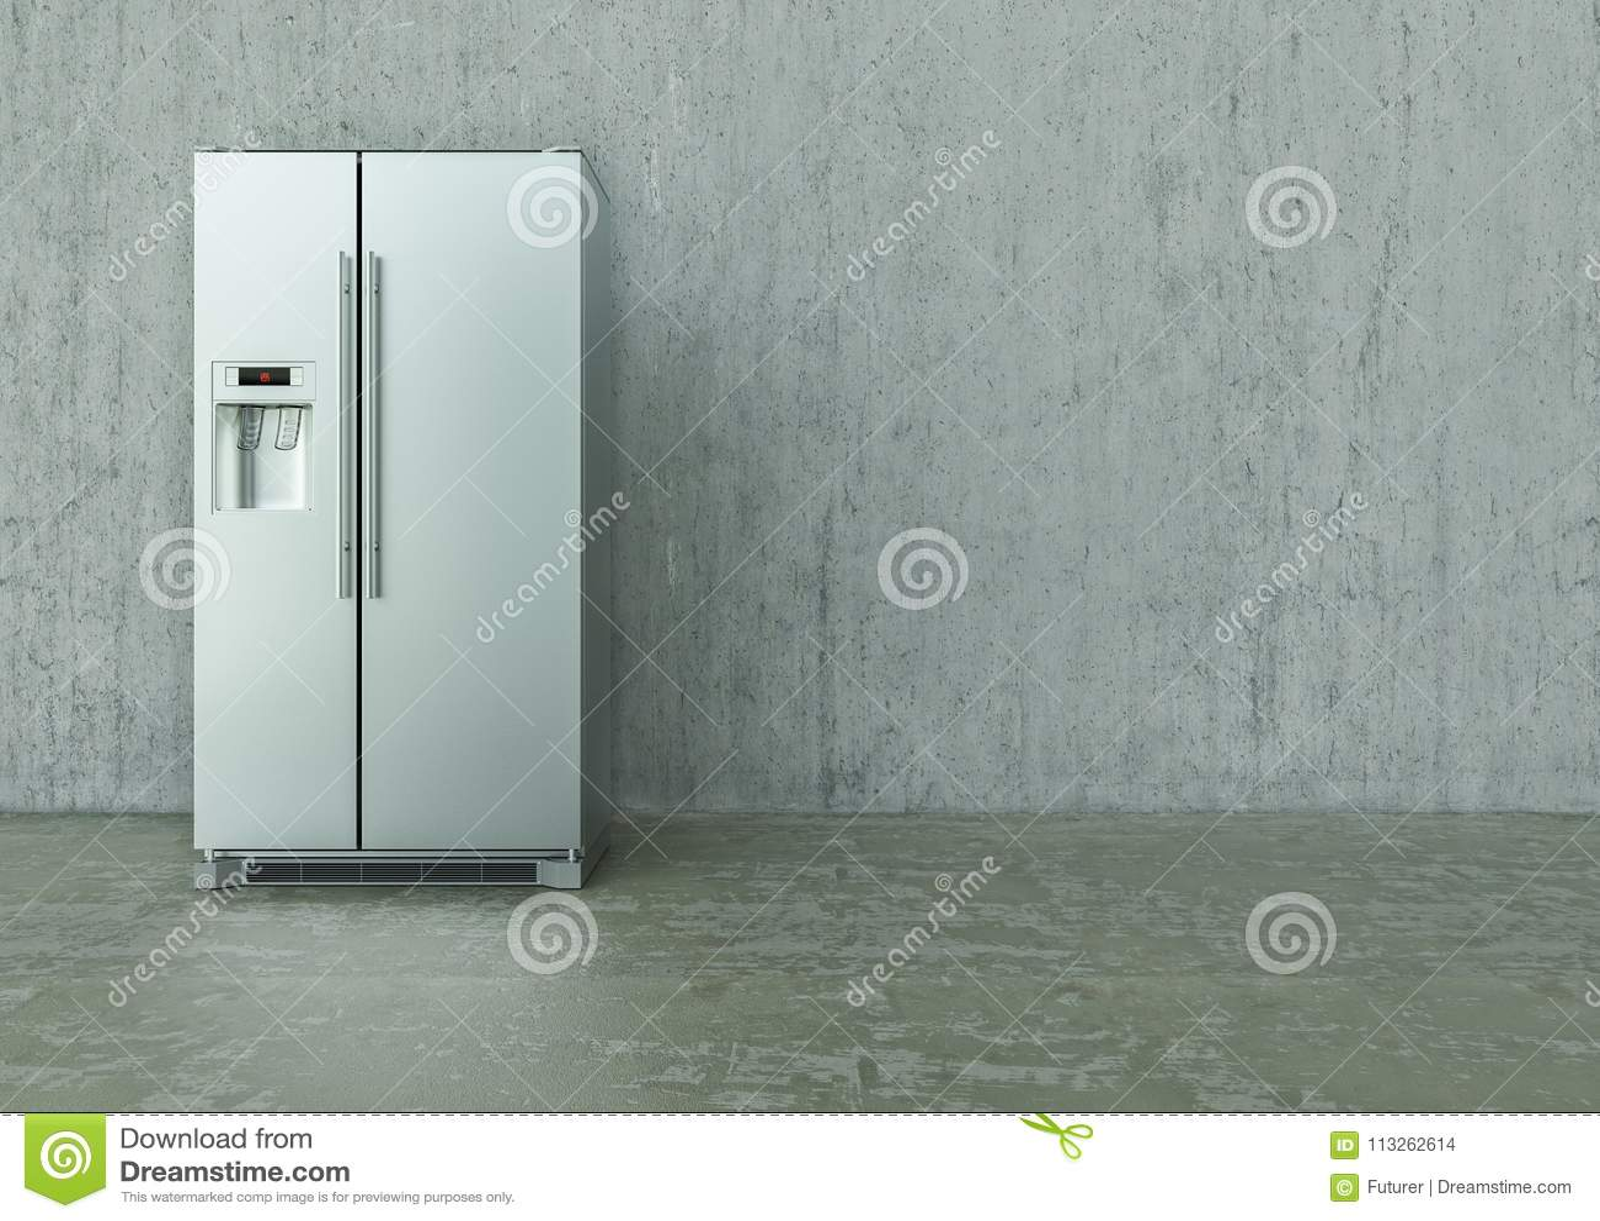 Kühlschrank Edelstahl : Edelstahl kühlschrank kühlschrank exquisit edelstahl kühlschrank